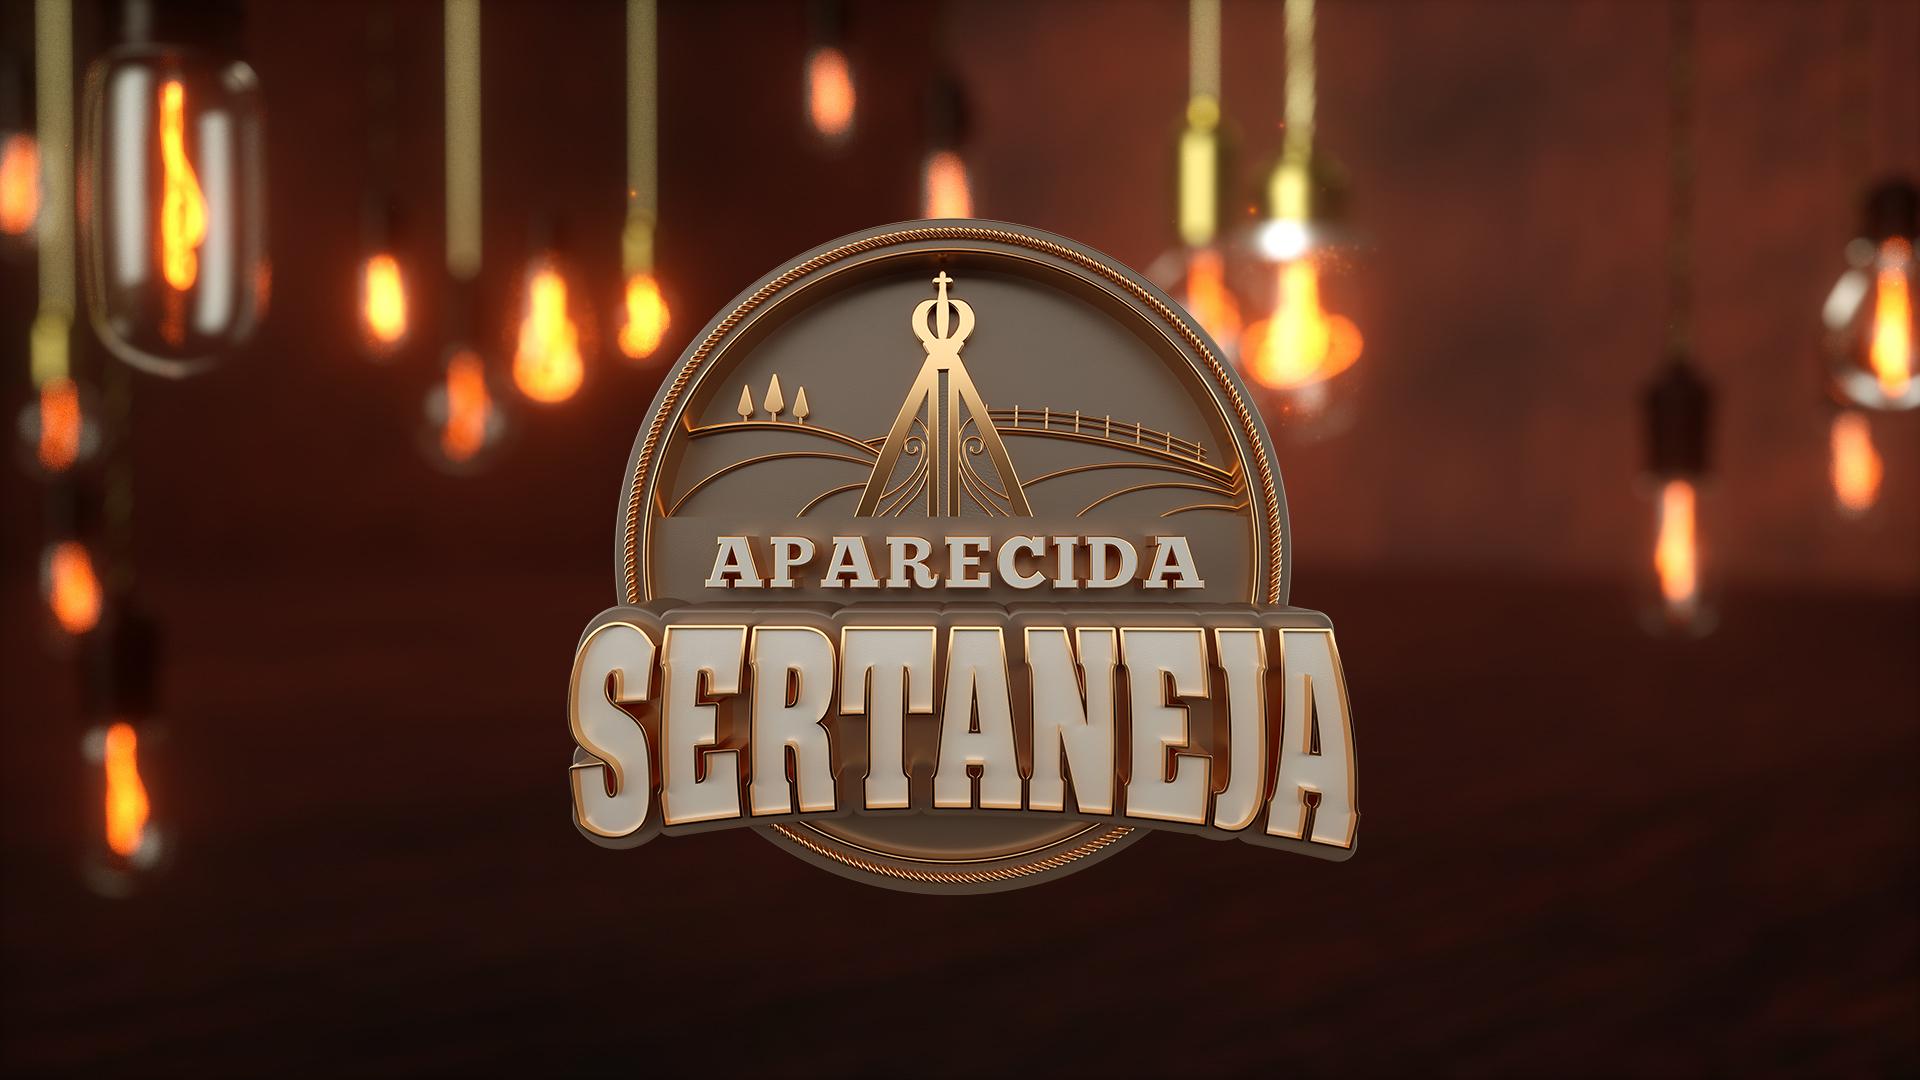 Aparecida Sertaneja faz especial com as duplas Marcos Paulo & Marcelo e Gilberto & Gilmar 41